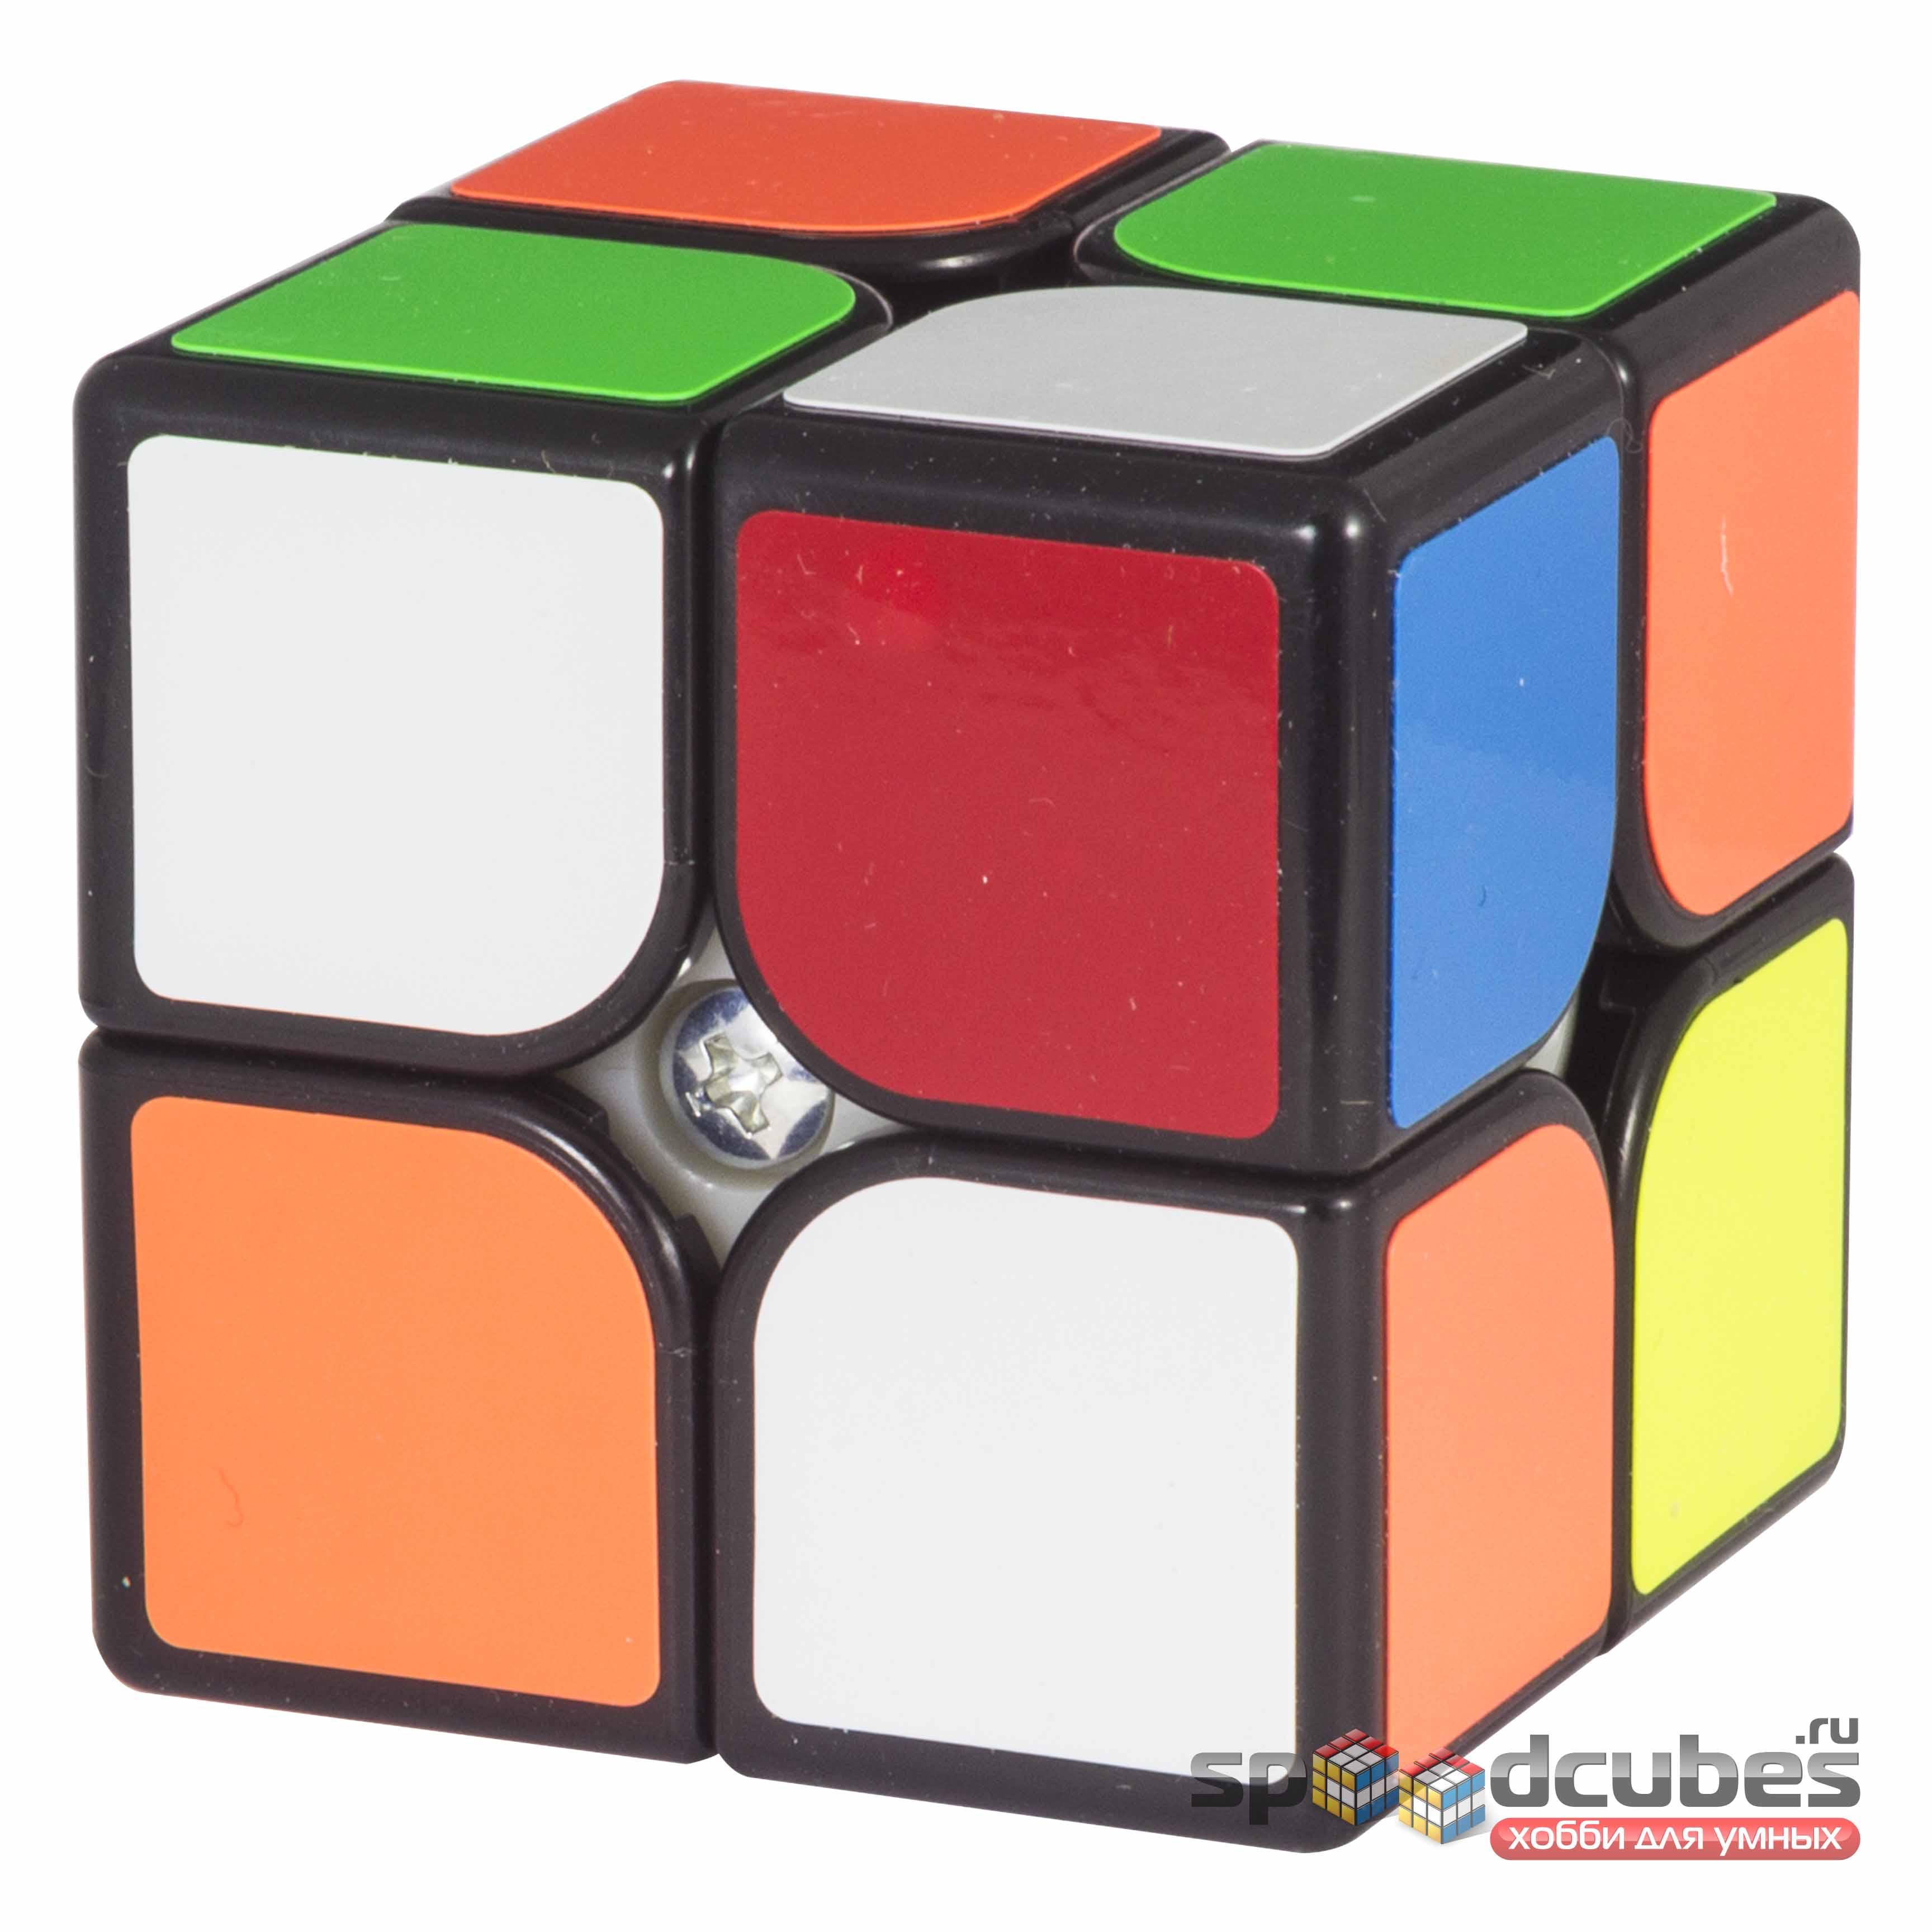 MoYu (YJ) 2x2x2 Guanpo Plus 3